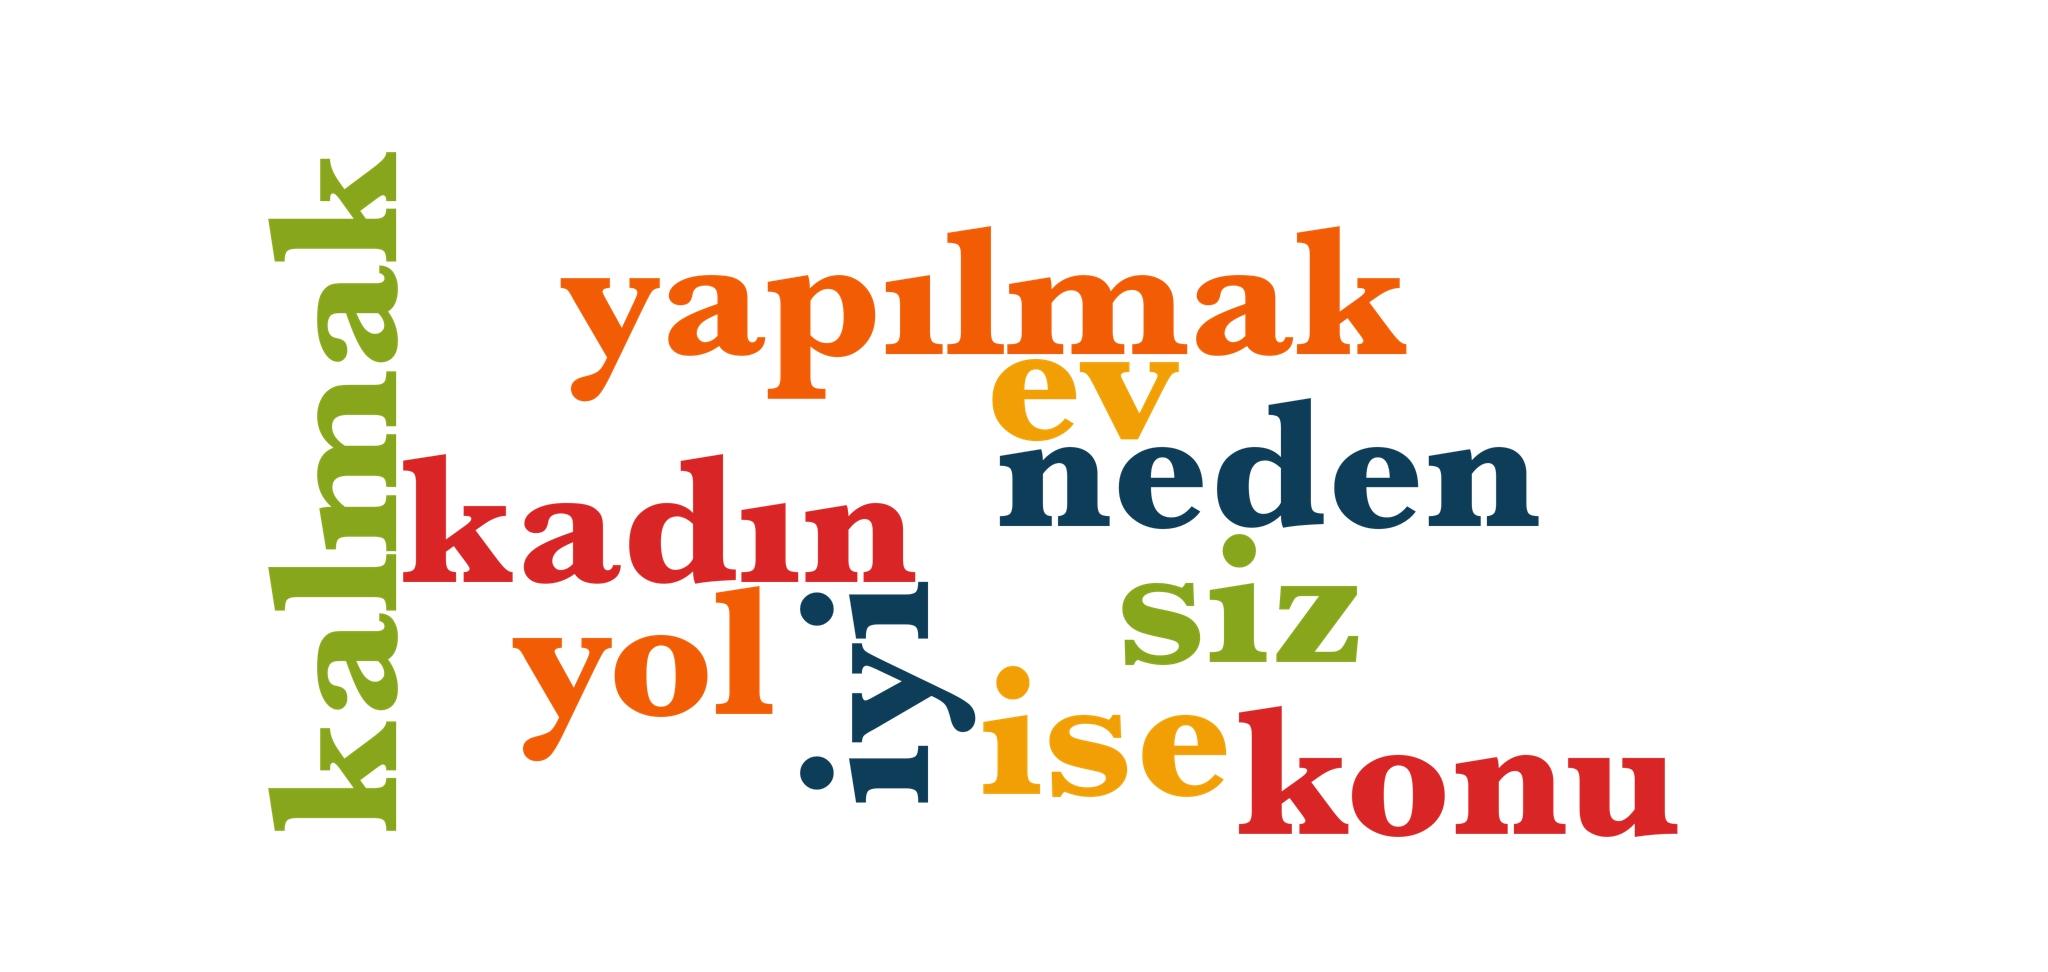 Wörter 51 bis 60 der 1000 häufigsten Wörter der türkischen Sprache